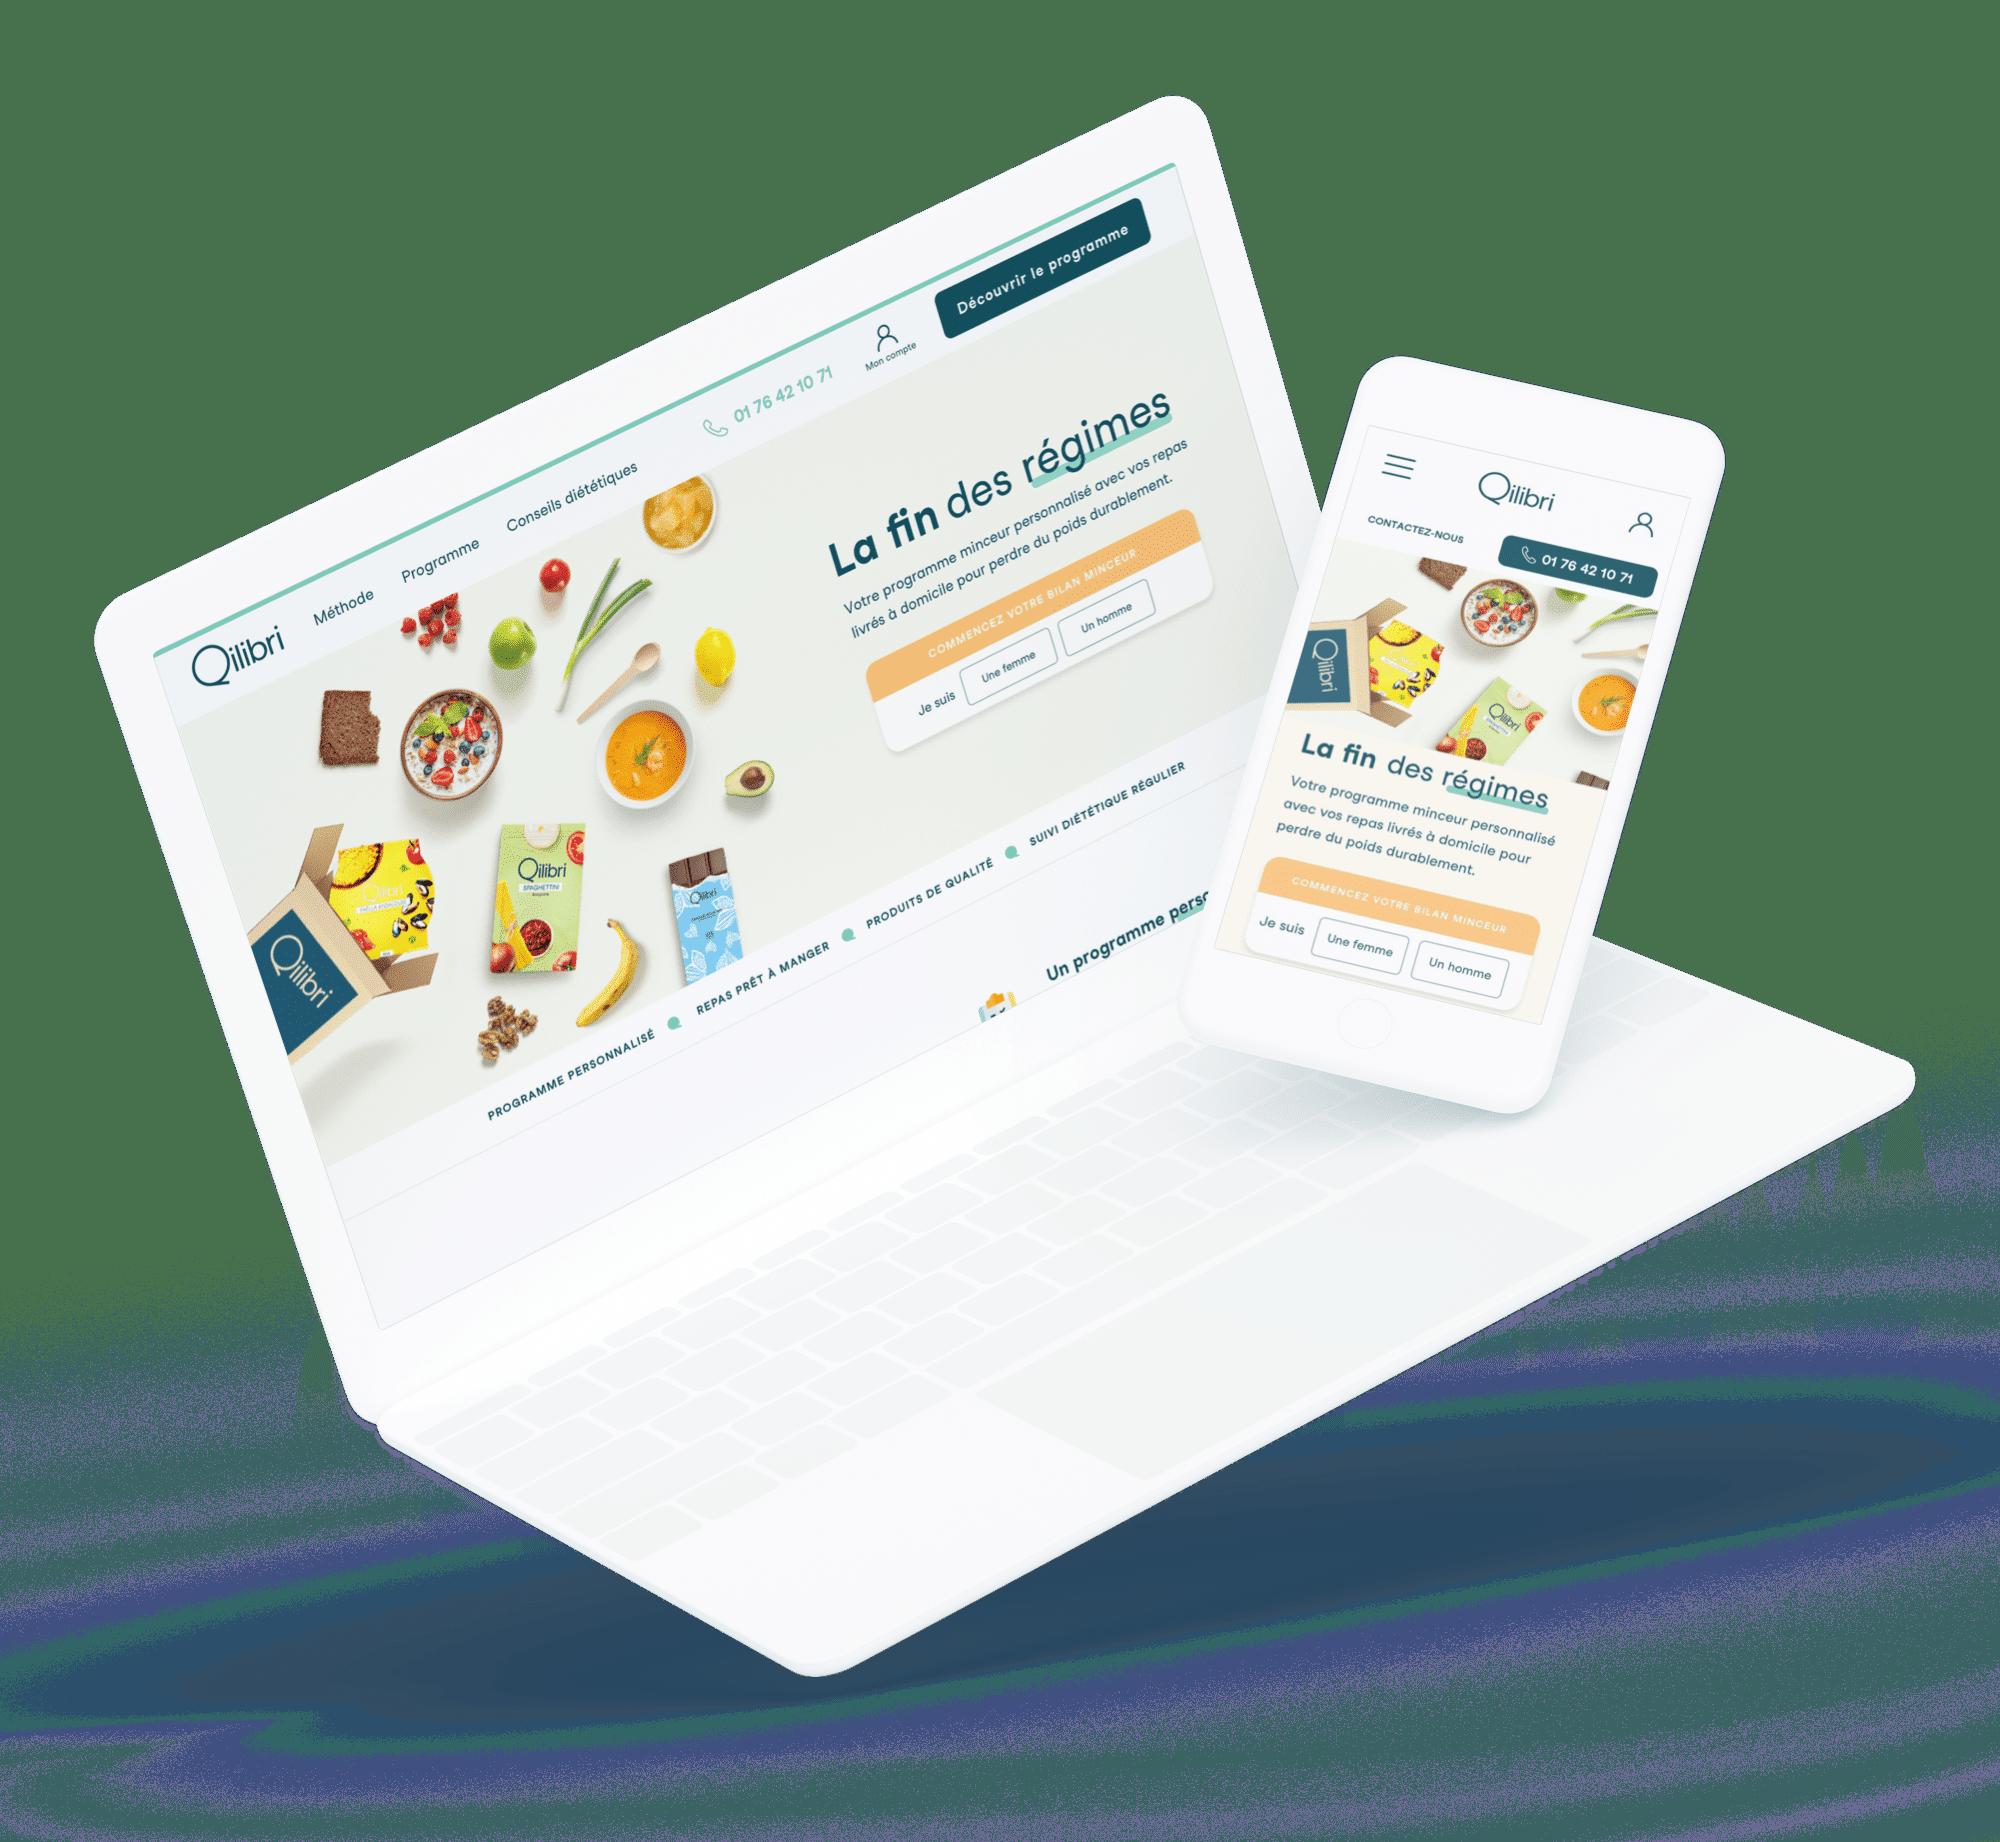 Qilibri (Site) - Site desktop et mobile